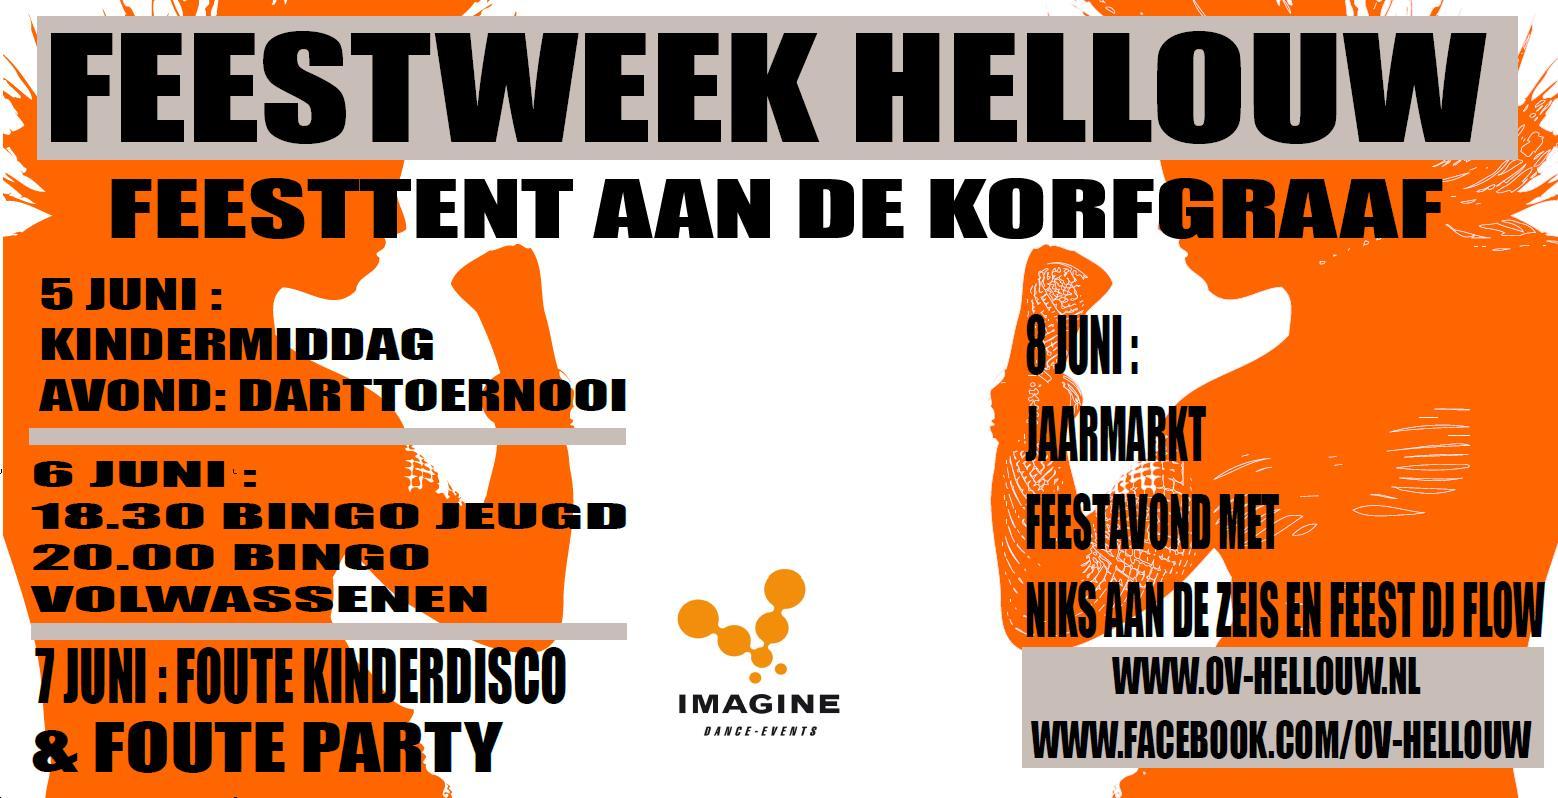 Feestweek Hellouw @ Feesttent